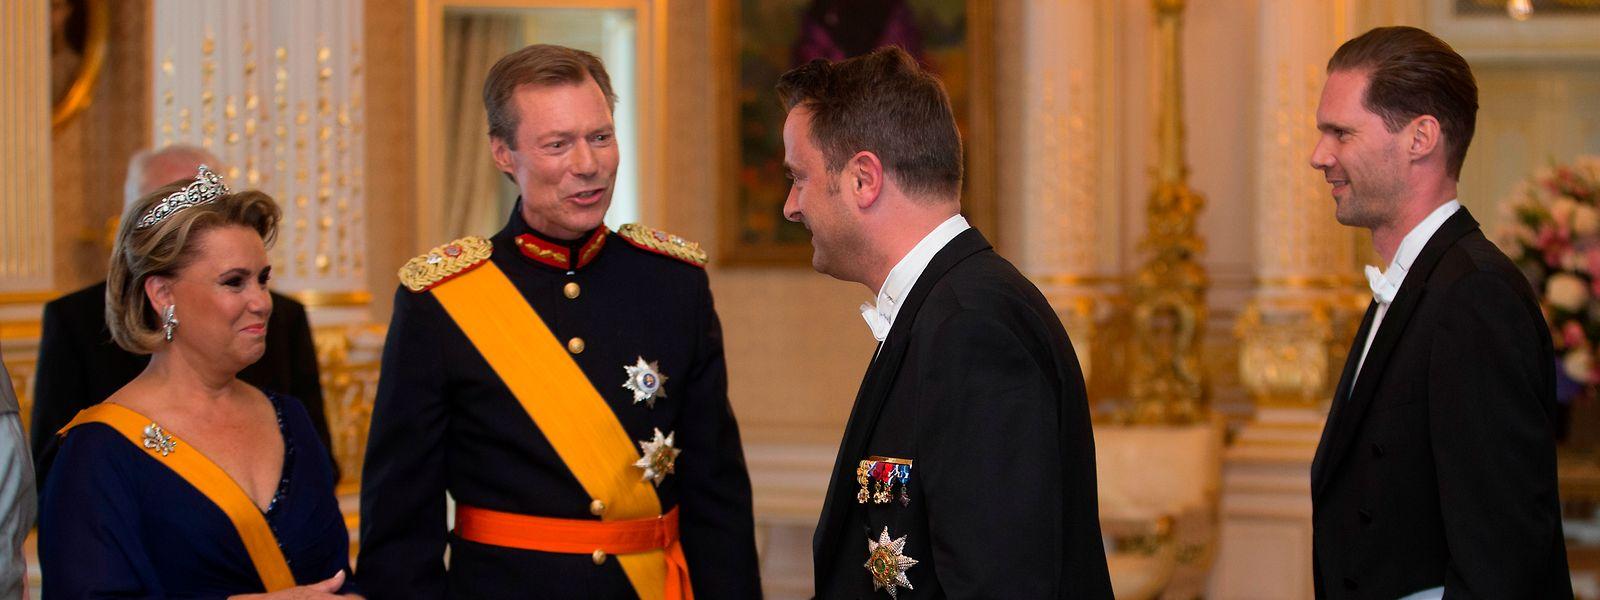 La valeur du patrimoine de la famille grand-ducale n' a jamais figuré au rang des communications publiques.